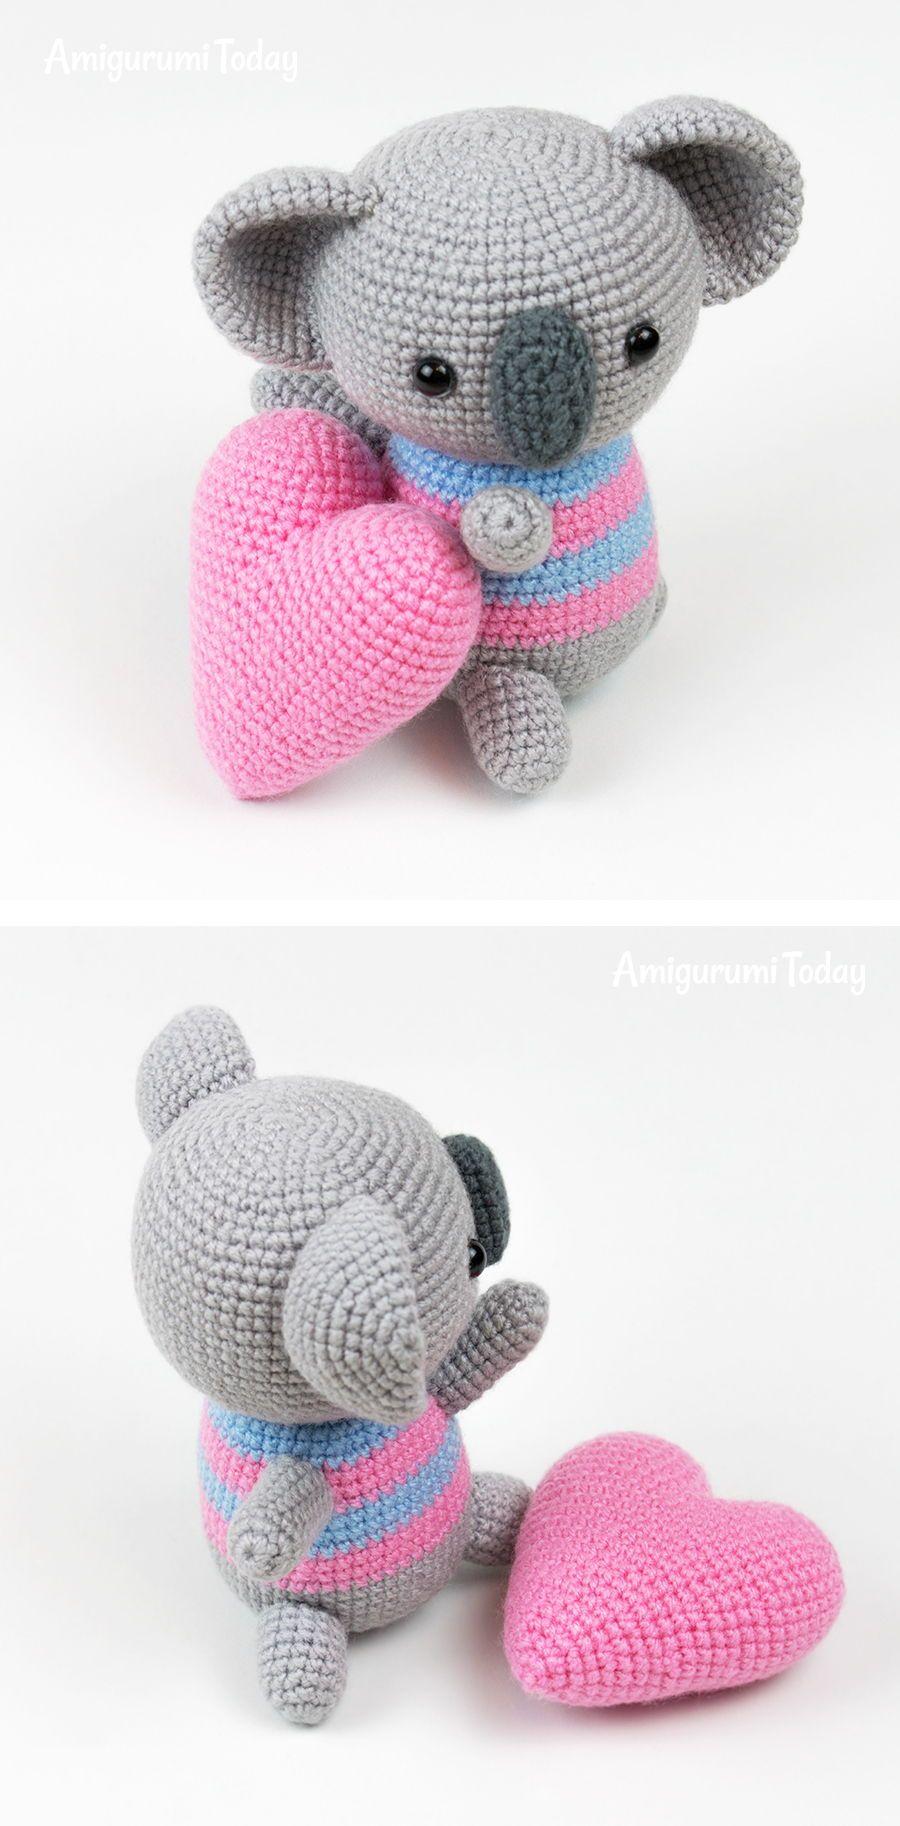 Amigurumi koala with heart pattern | A crochet | Pinterest | Croché ...